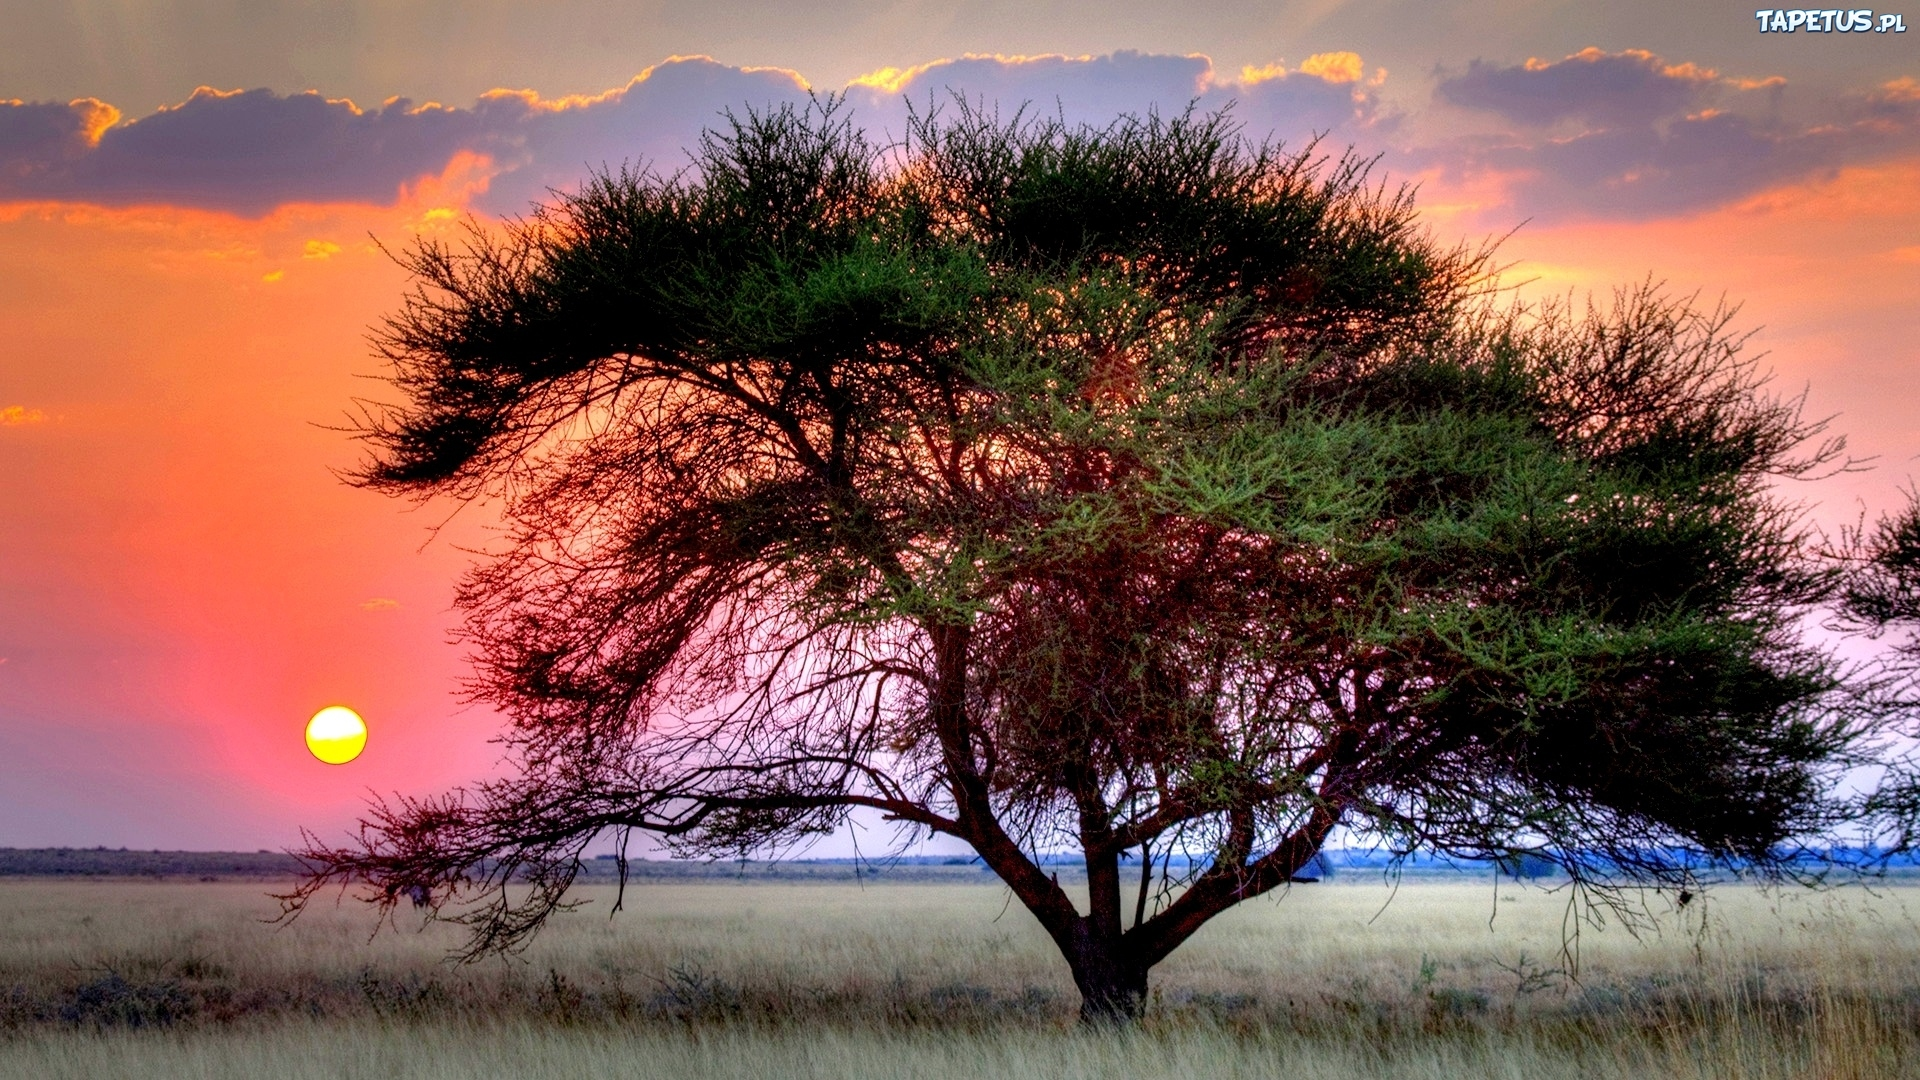 дерево в степи без регистрации